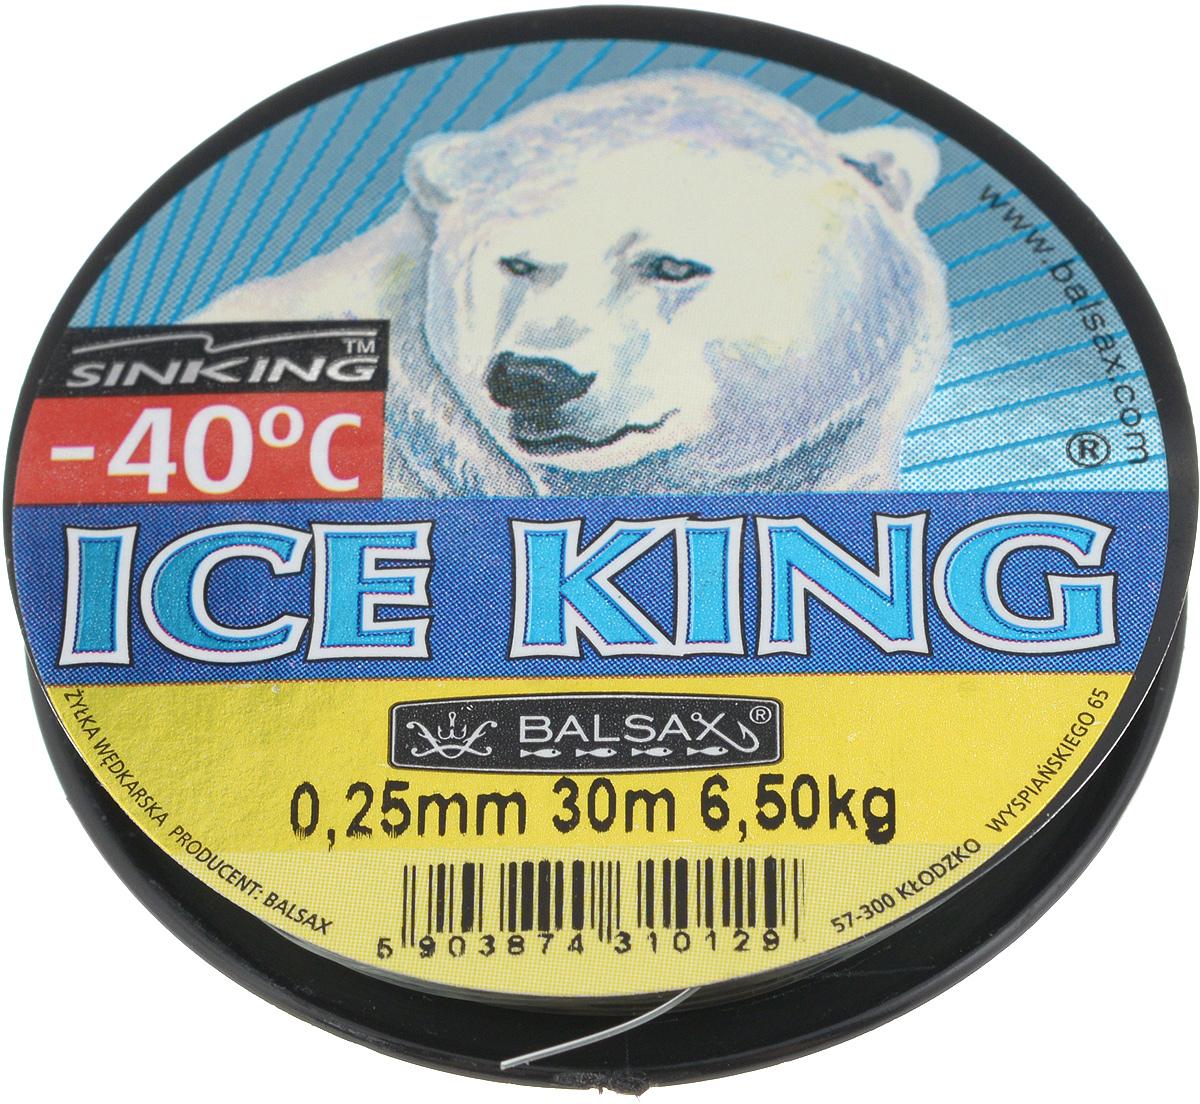 Леска зимняя Balsax Ice King, 30 м, 0,25 мм, 6,5 кг310-08025Леска Balsax Ice King изготовлена из 100% нейлона и очень хорошо выдерживает низкие температуры. Даже в самом холодном климате, при температуре вплоть до -40°C, она сохраняет свои свойства практически без изменений, в то время как традиционные лески становятся менее эластичными и теряют прочность.Поверхность лески обработана таким образом, что она не обмерзает и отлично подходит для подледного лова. Прочна в местах вязки узлов даже при минимальном диаметре.